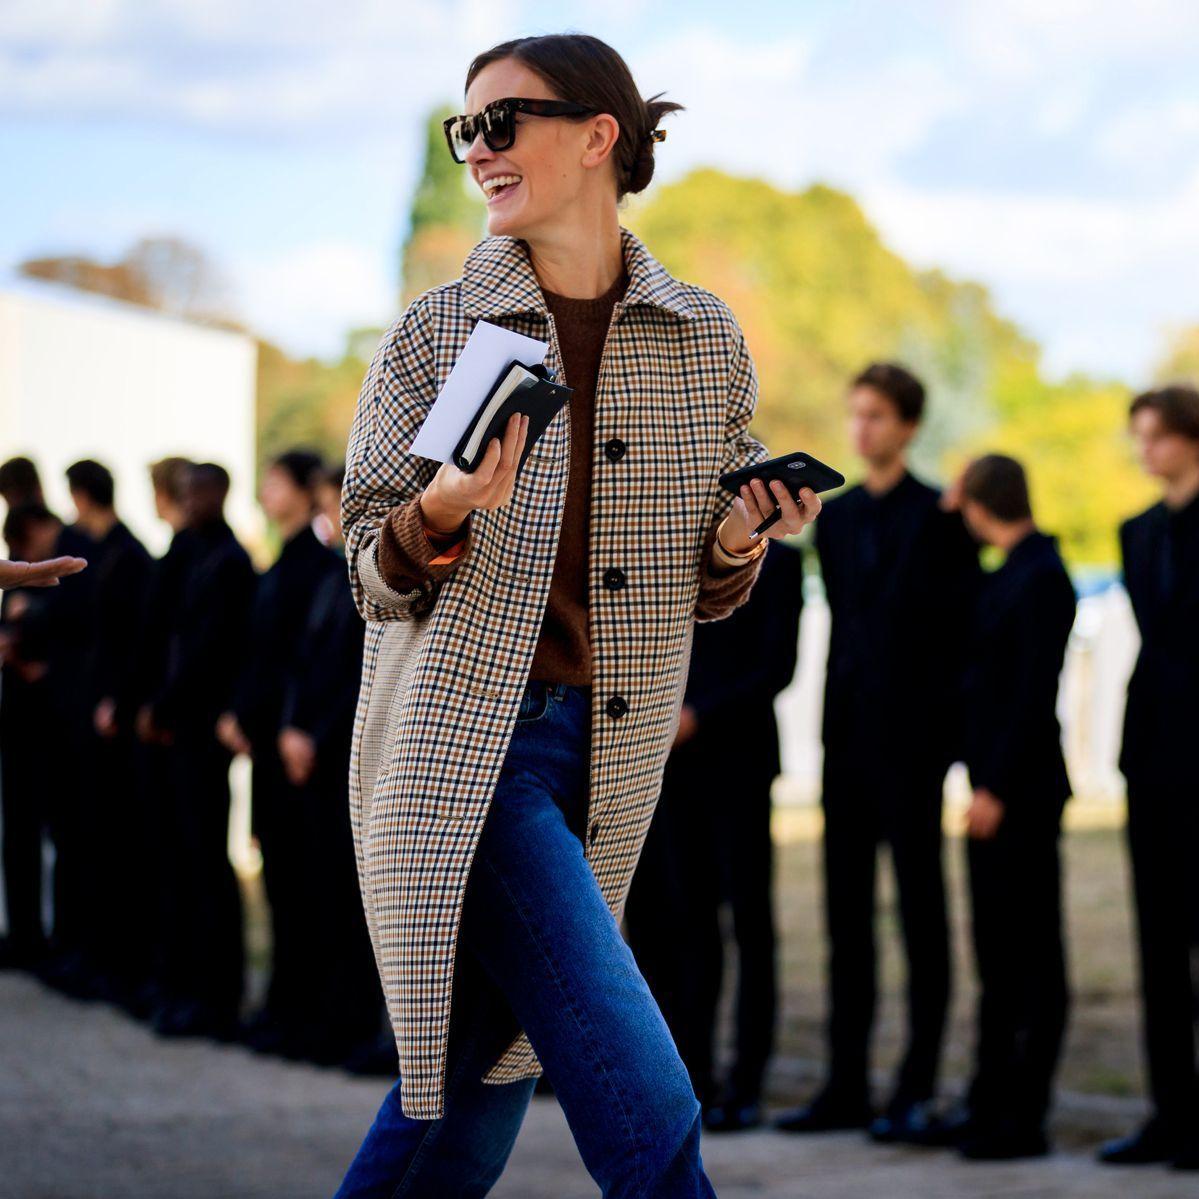 Street style Paris : les plus beaux looks repérés à la Fashion Week https://t.co/mEoLvC2pT1